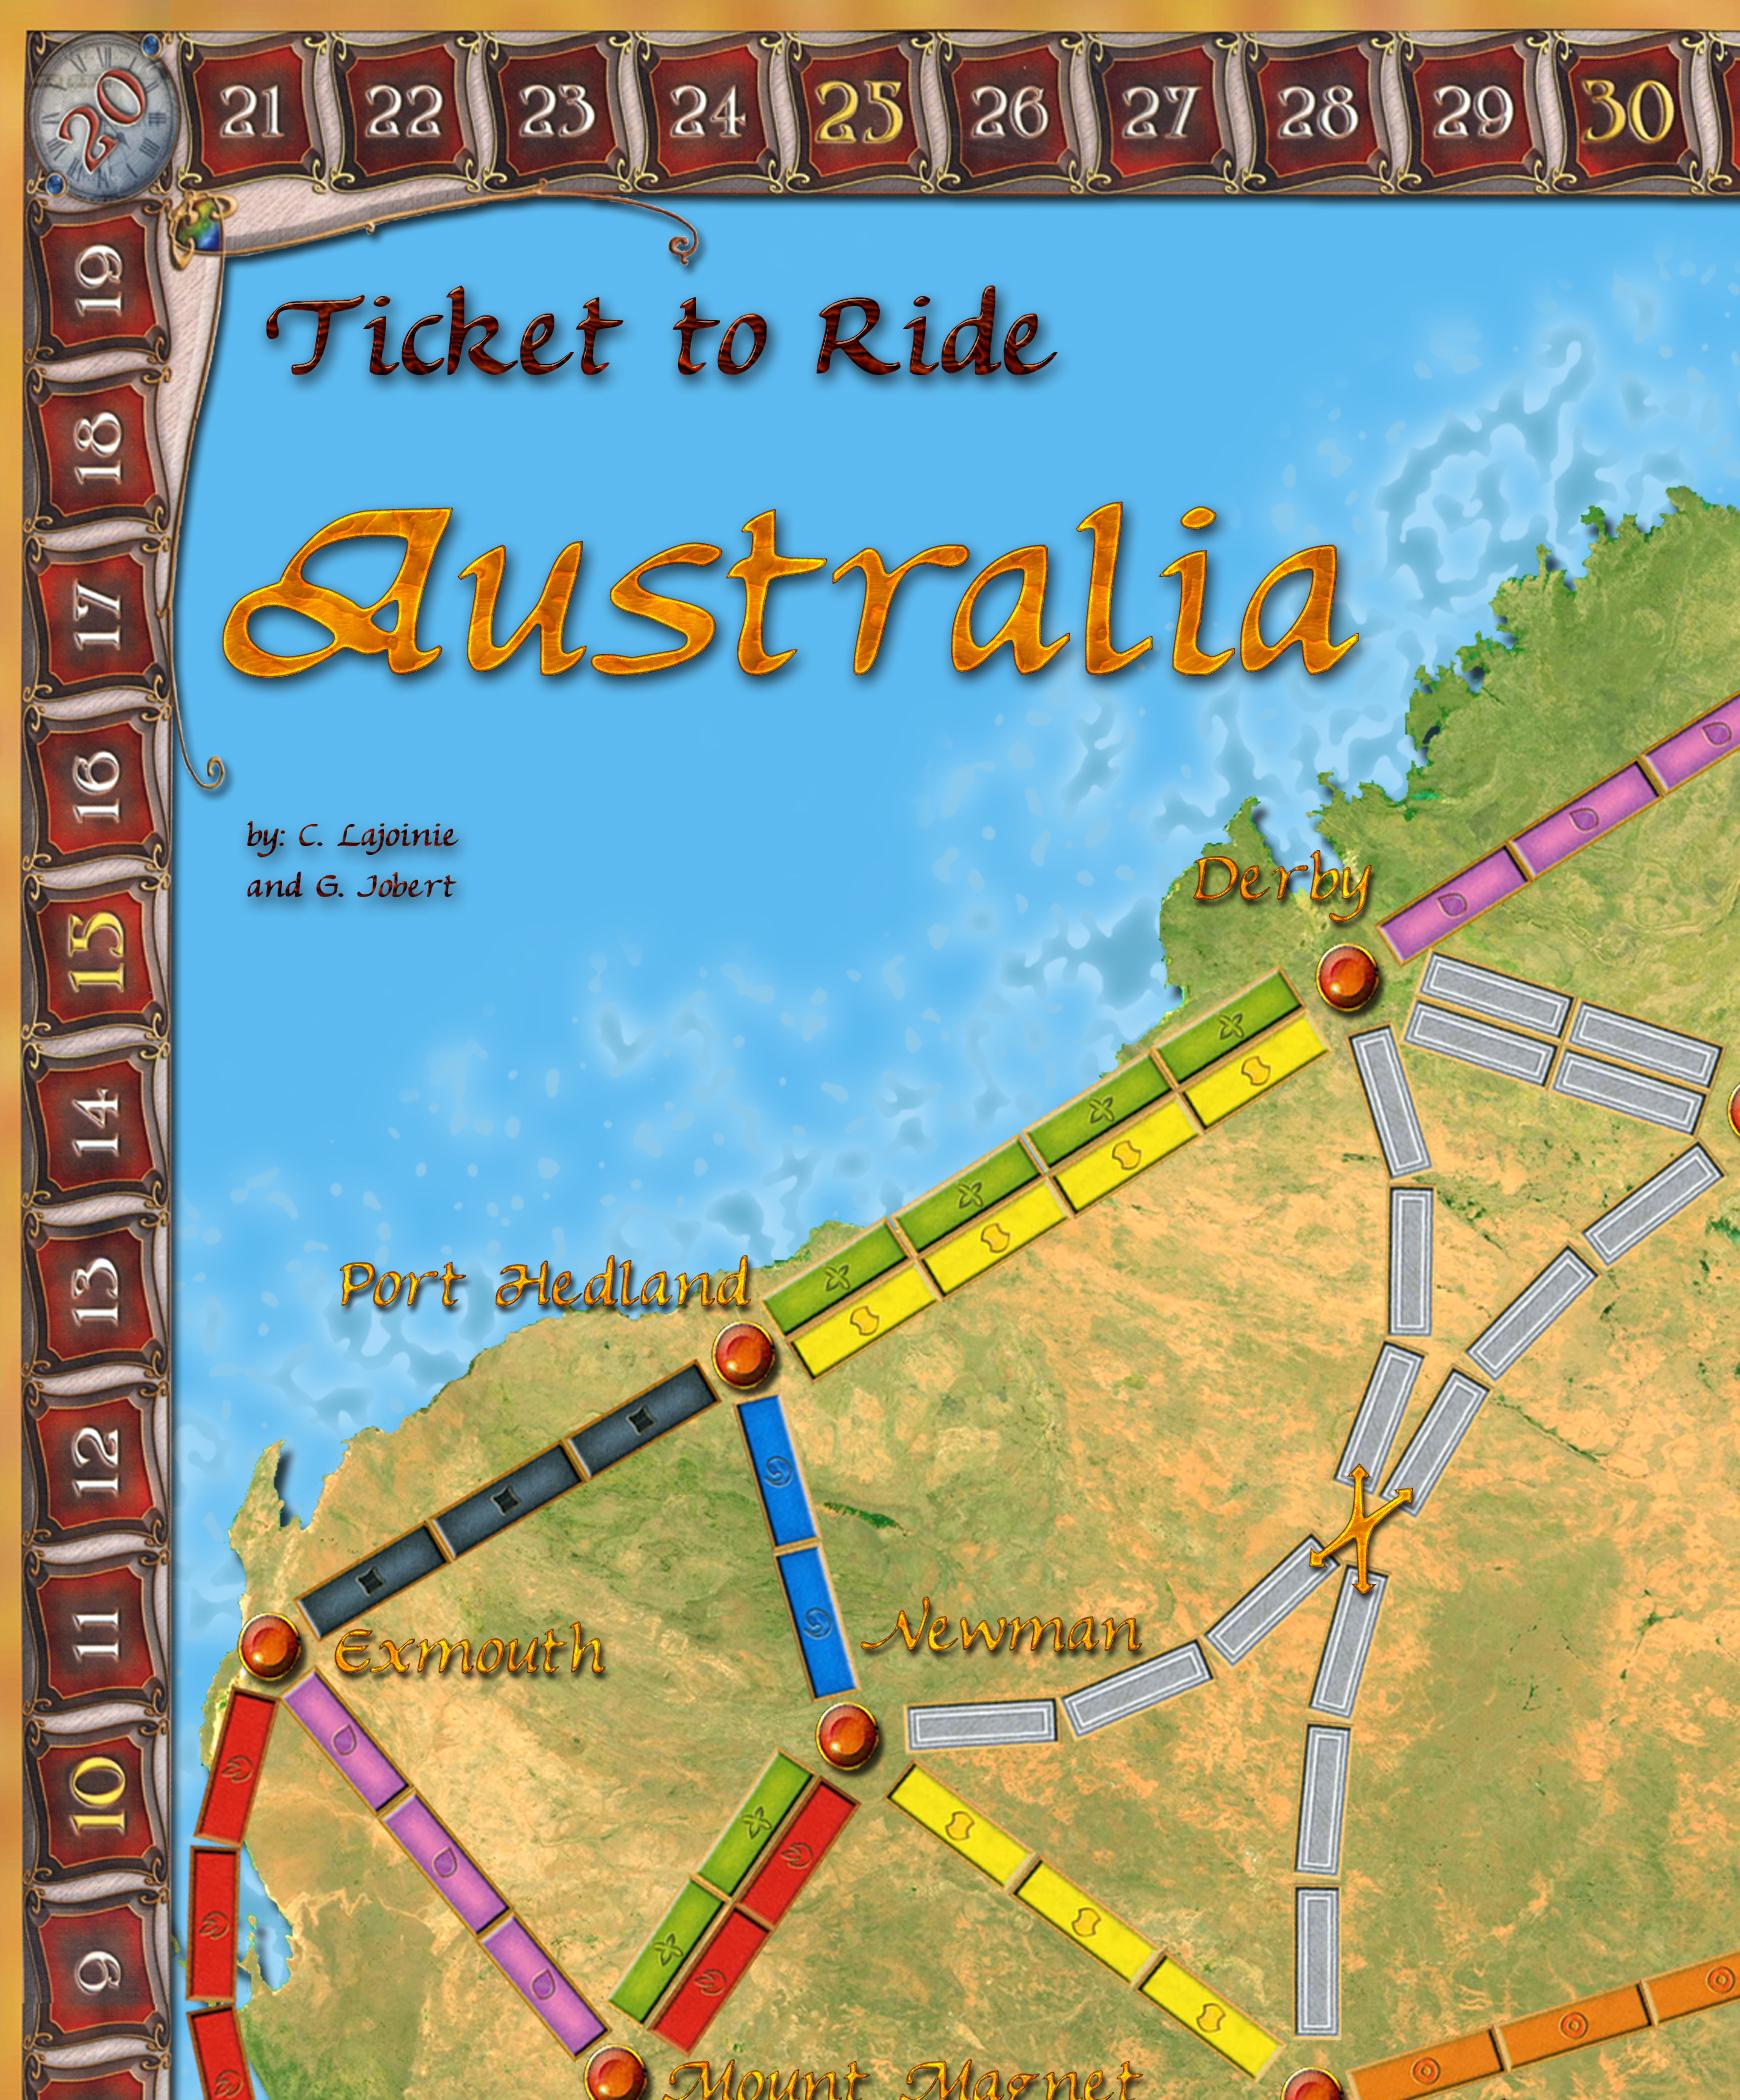 Ticket to Ride - Australia!